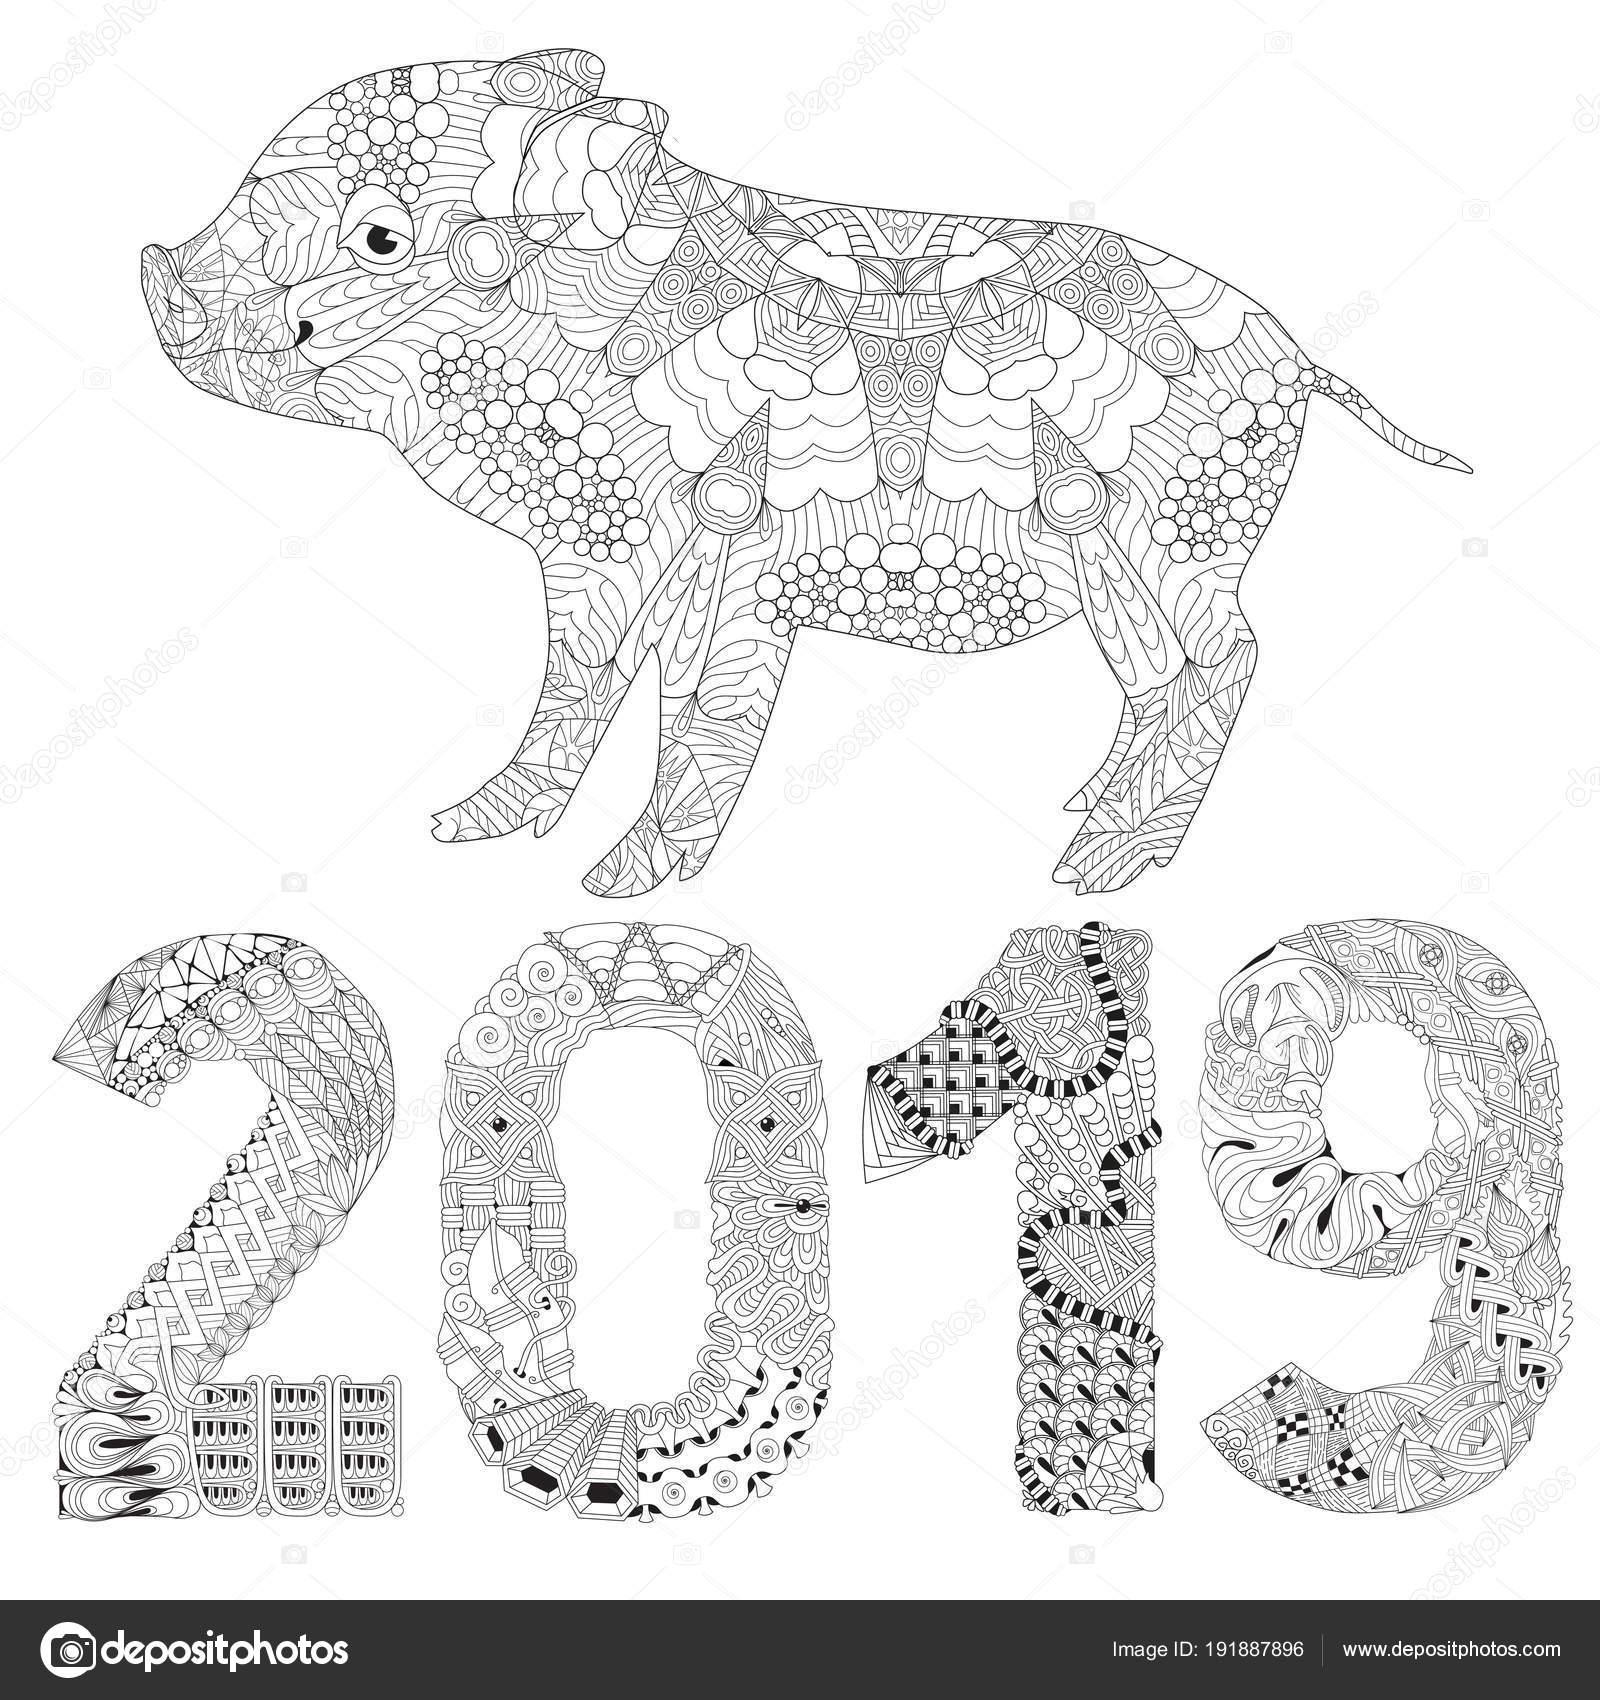 Coloriage Adulte A Imprimer Avec Numero.Livre De Coloriage Cochon Avec Numero 2019 Pour Vecteur